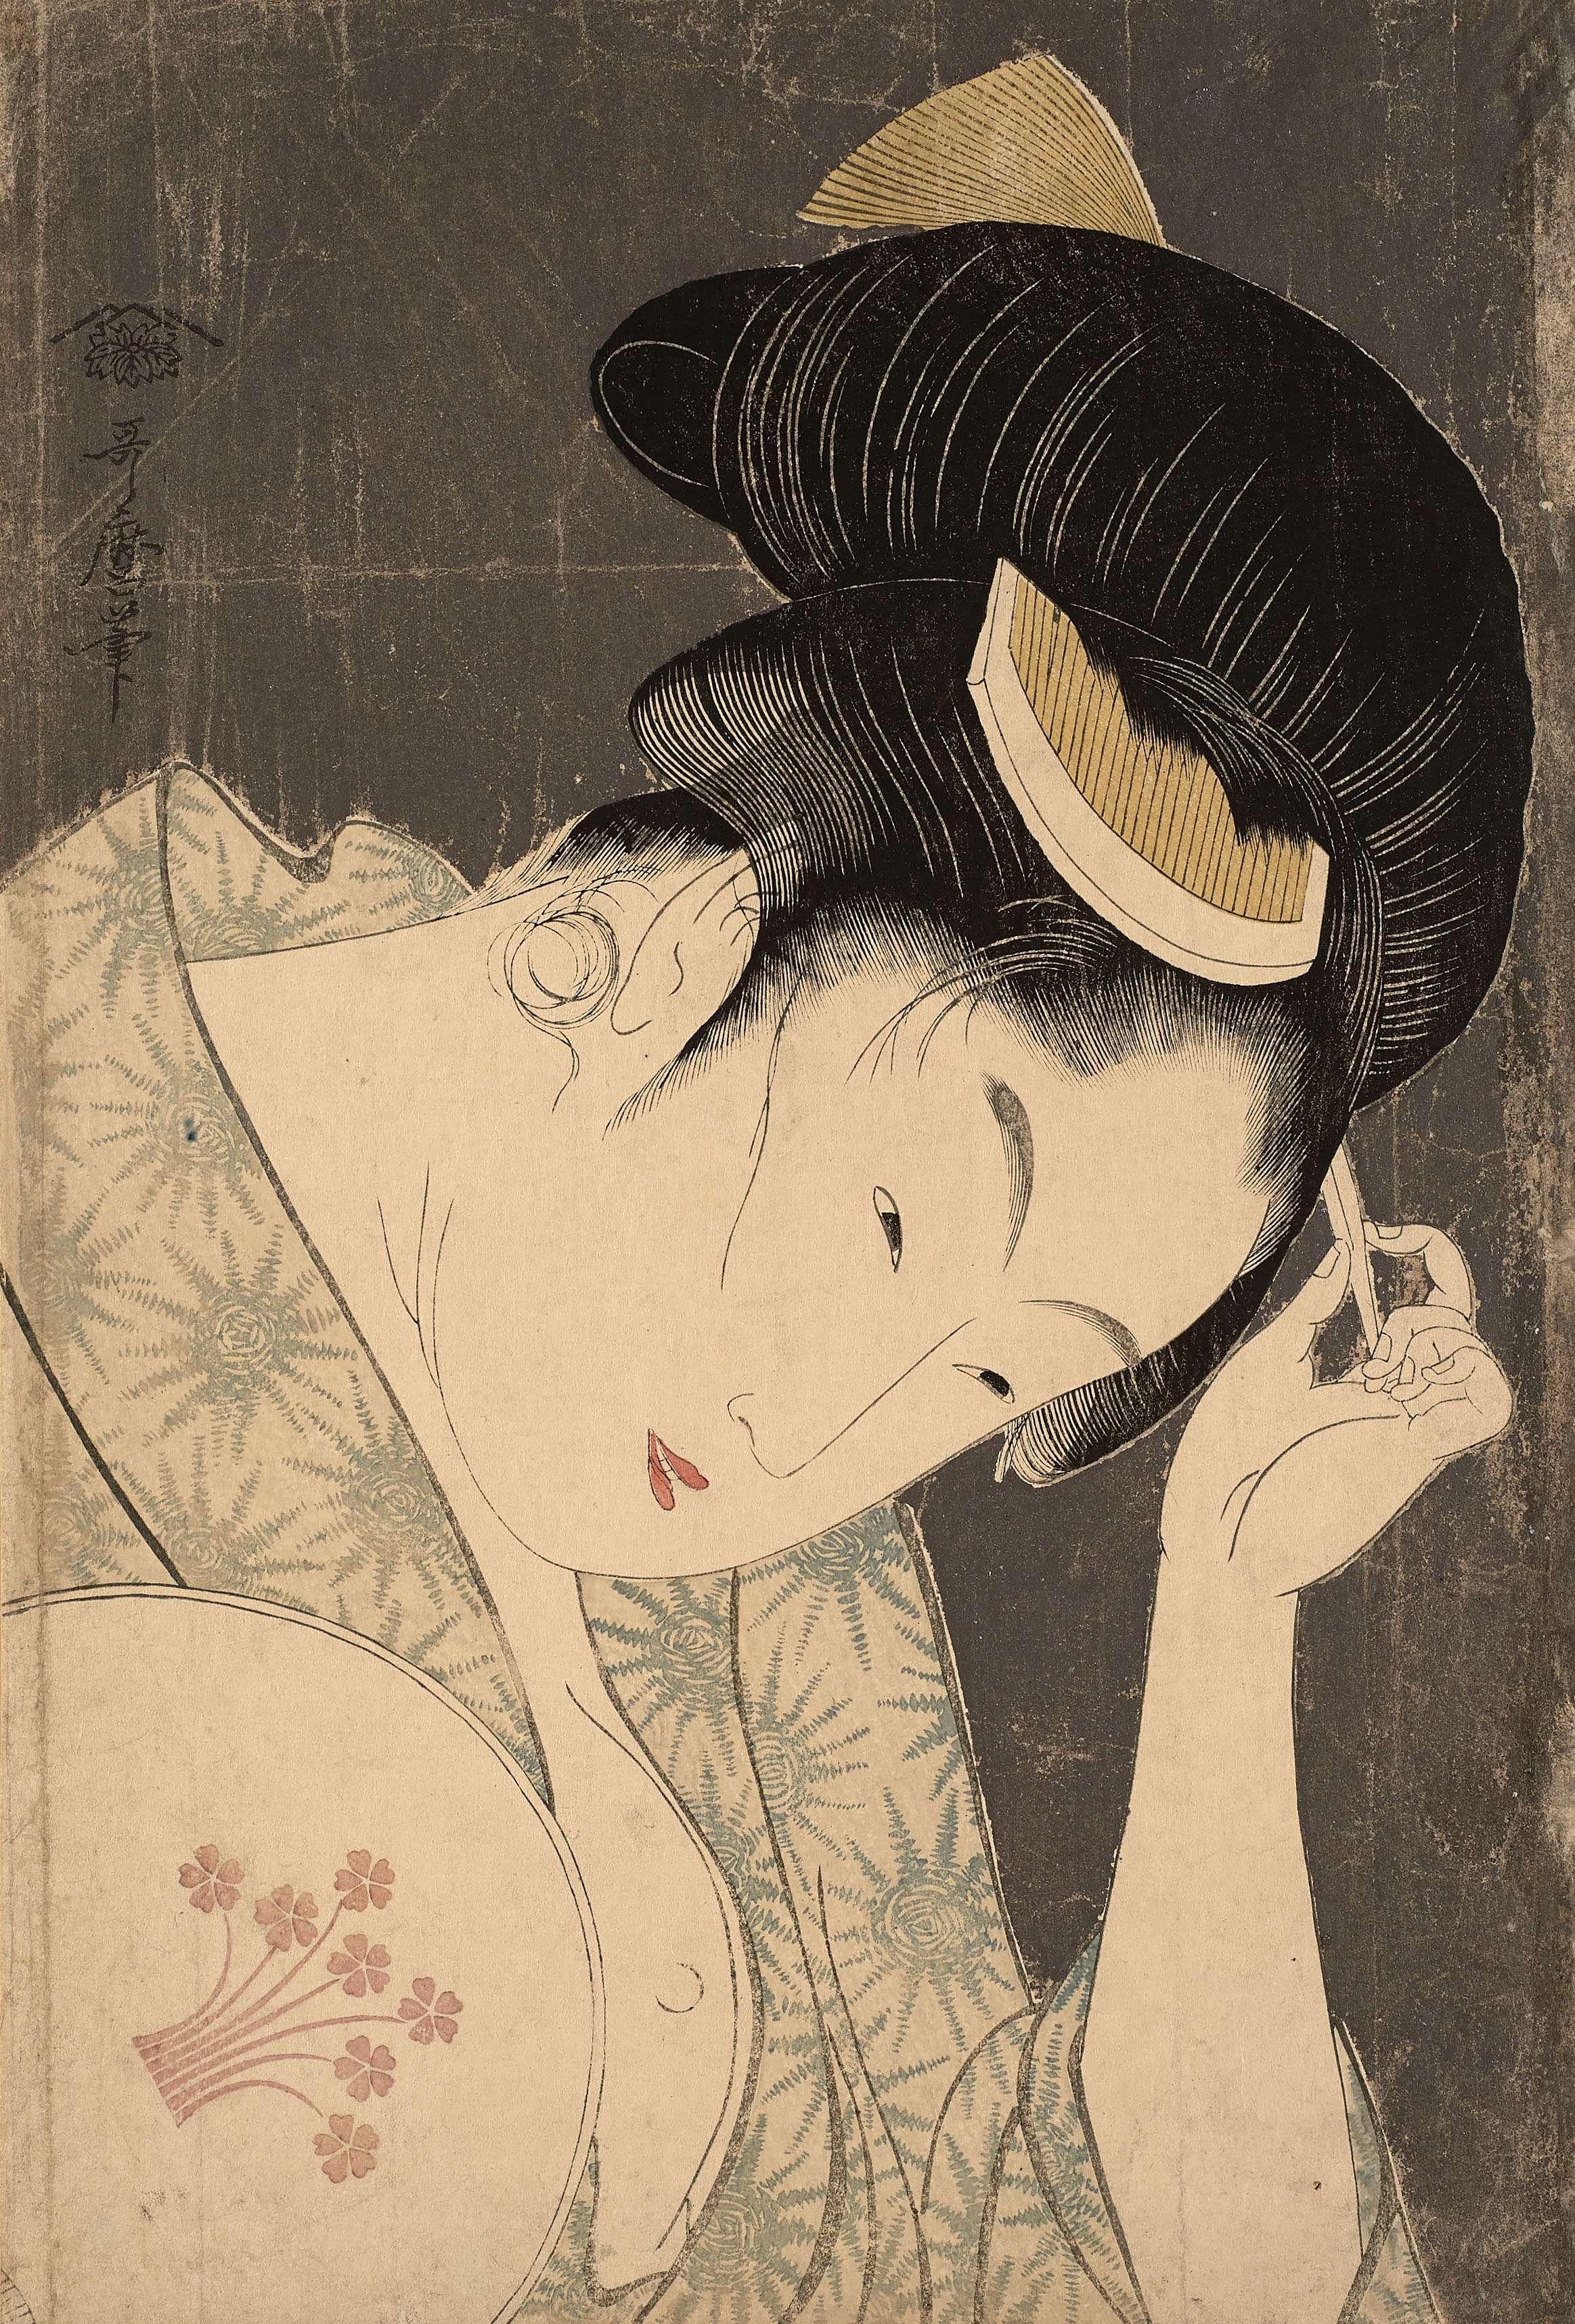 Evident Love, Kitagawa Utamaro